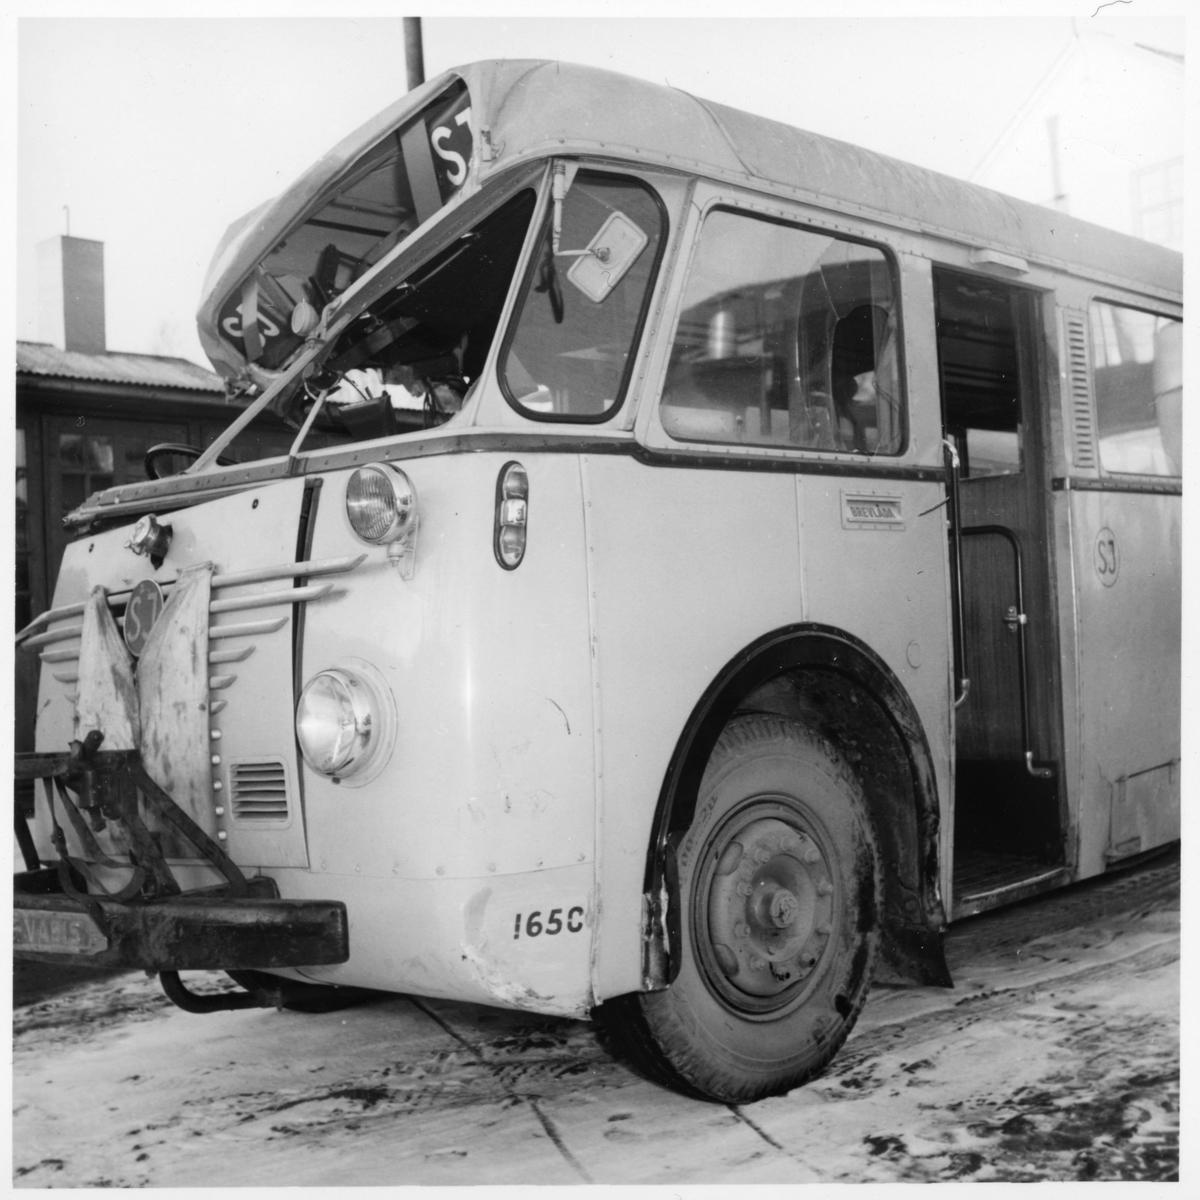 Krockskadad Scania Vabis. Statens Järnvägar, SJ buss 1650.